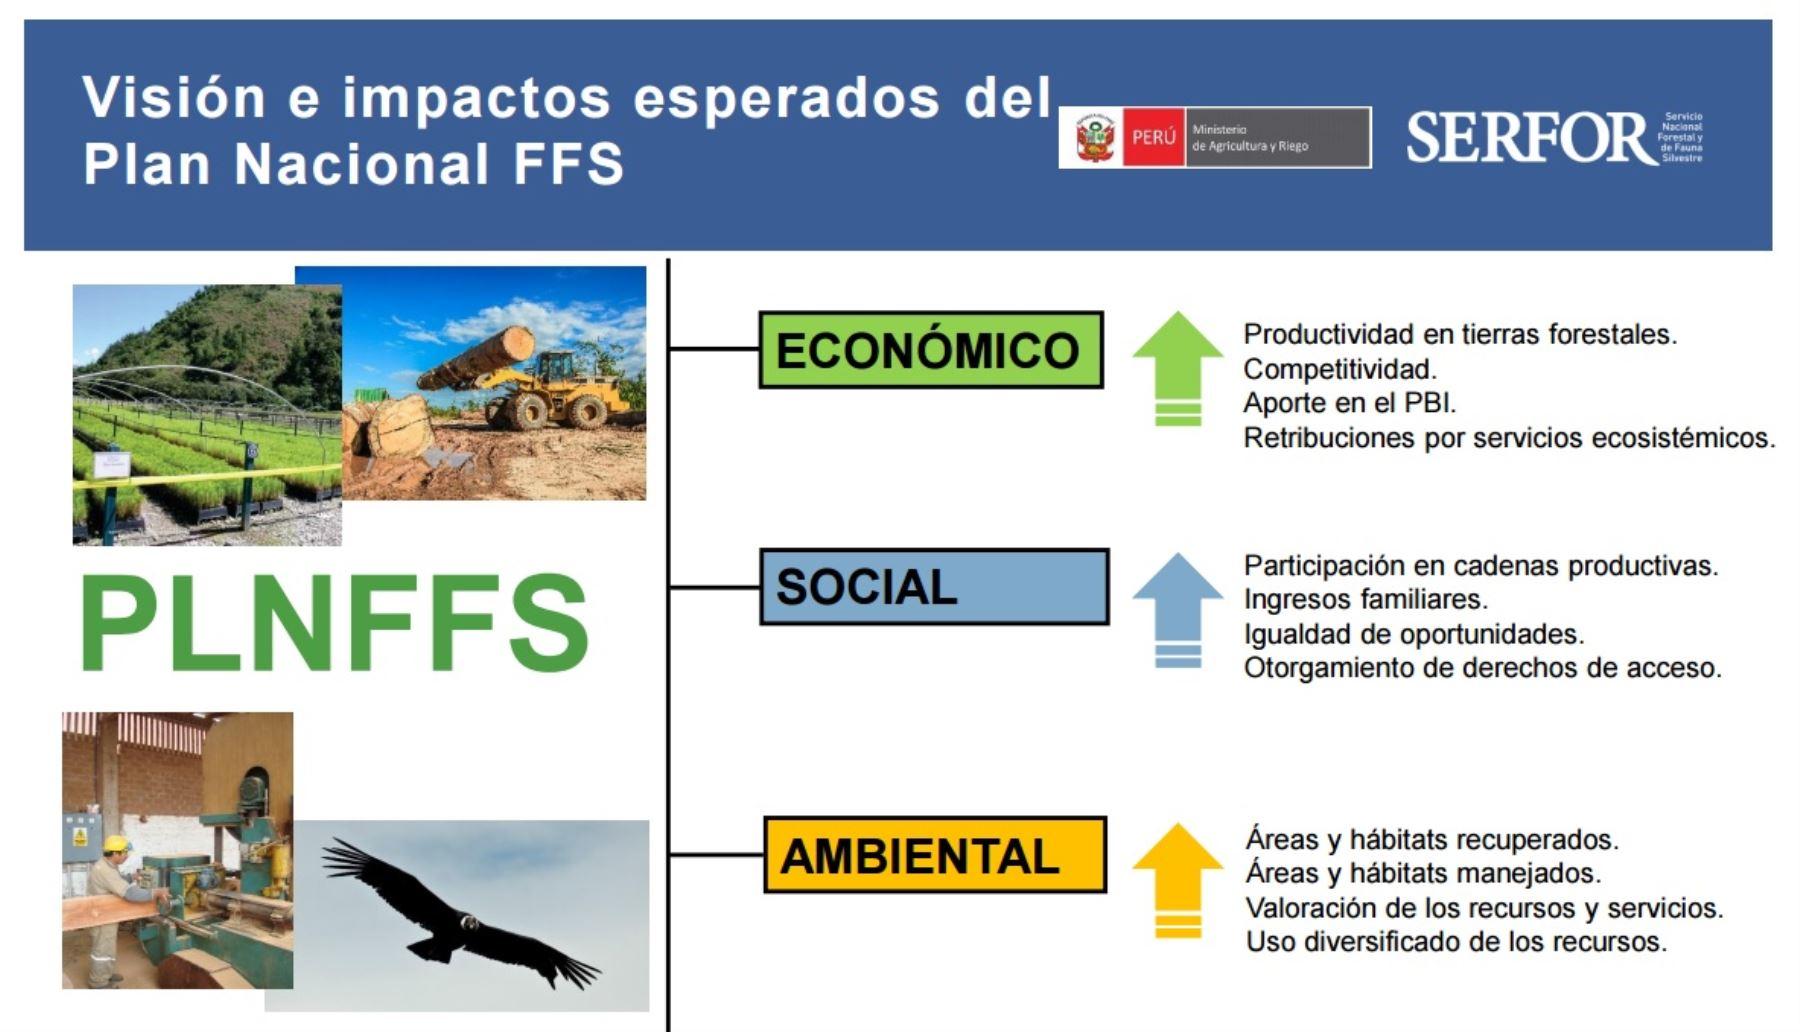 Visión e impactos esperados en el Plan Nacional Forestal y de Fauna Silvestre